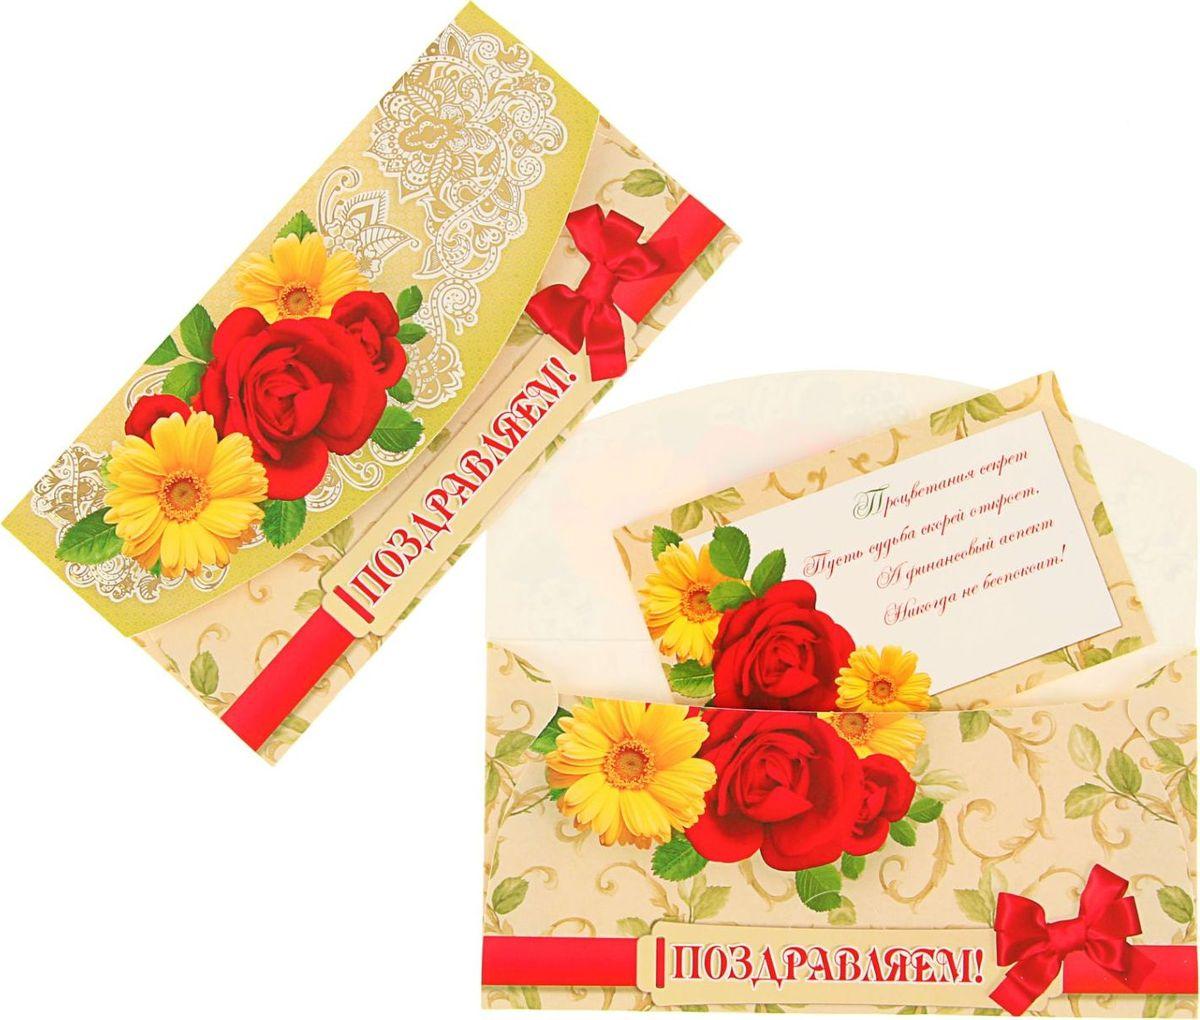 Конверт для денег Русский дизайн Поздравляем! Красная роза, бант, 16,5 х 8,5 см1865518Невозможно представить нашу жизнь без праздников! Мы всегда ждём их и предвкушаем, обдумываем, как проведём памятный день, тщательно выбираем подарки и аксессуары, ведь именно они создают и поддерживают торжественный настрой. Этот конверт для денег - отличный выбор, который привнесёт атмосферу праздника в ваш дом!